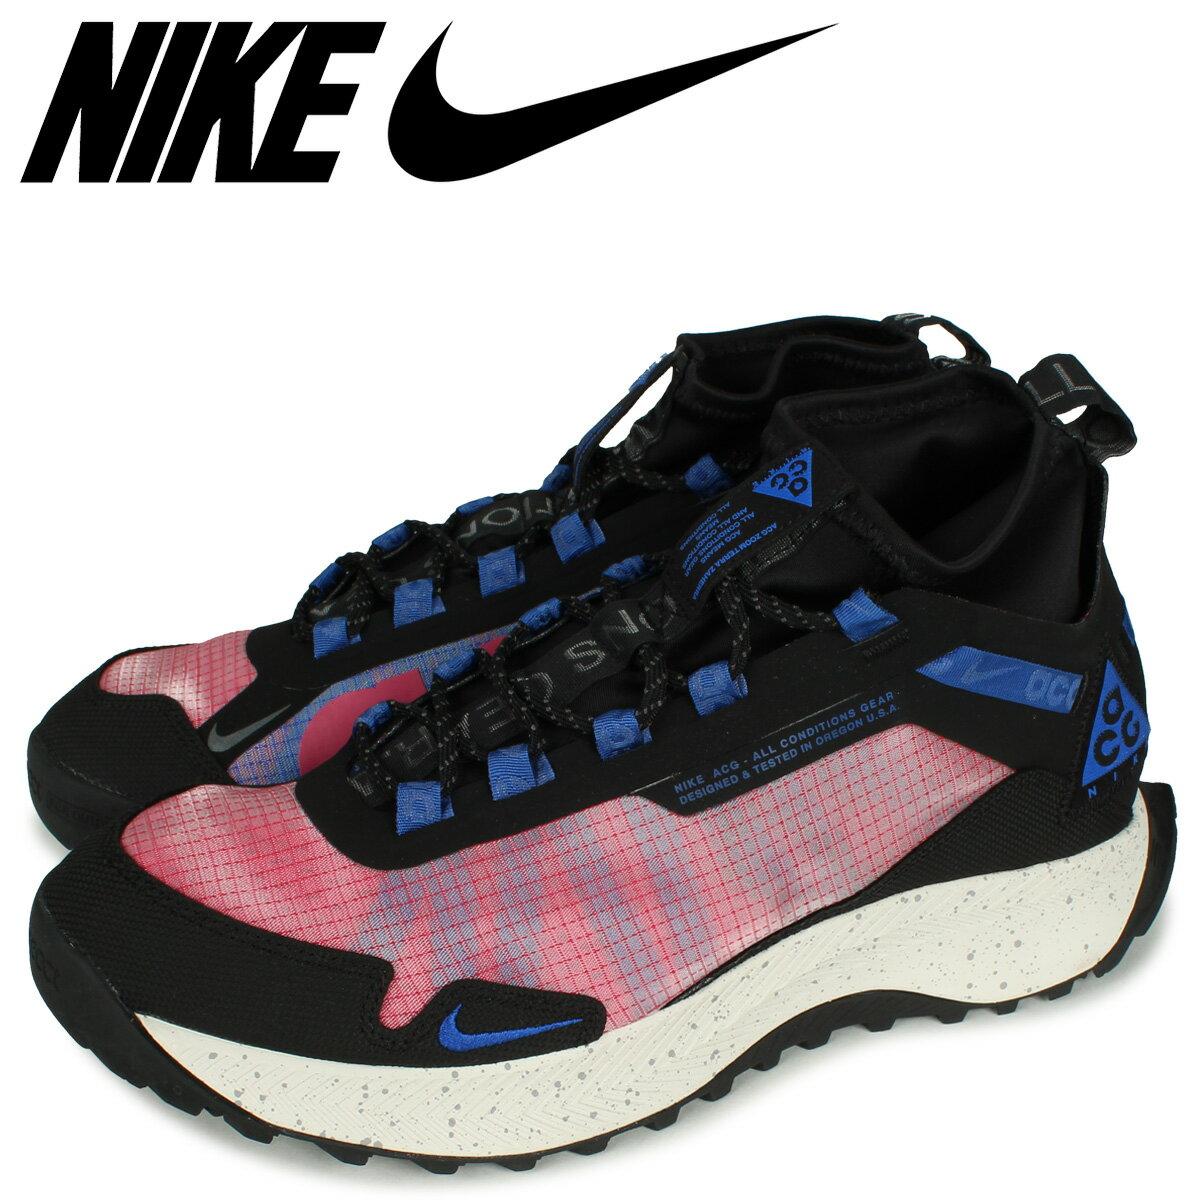 メンズ靴, スニーカー 1000OFF NIKE ACG ZOOM TERRA ZAHERRA CQ0076-600